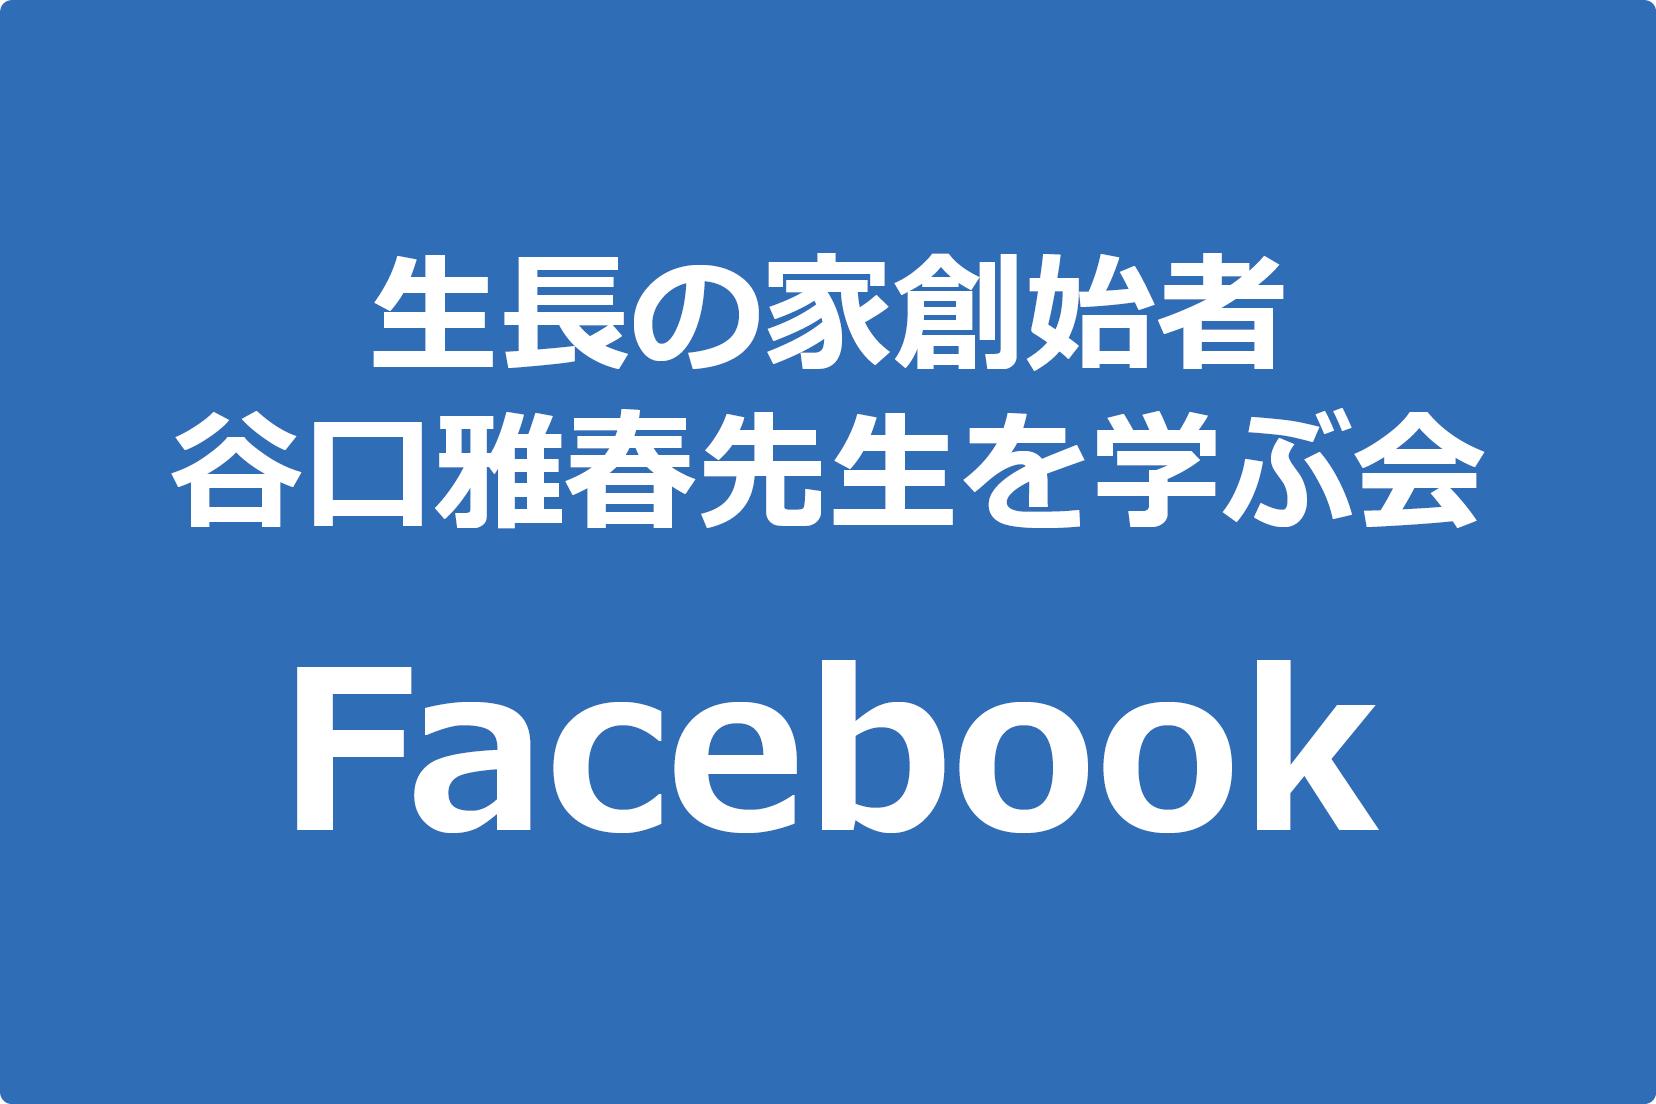 Facebookアカウントを開設しました。